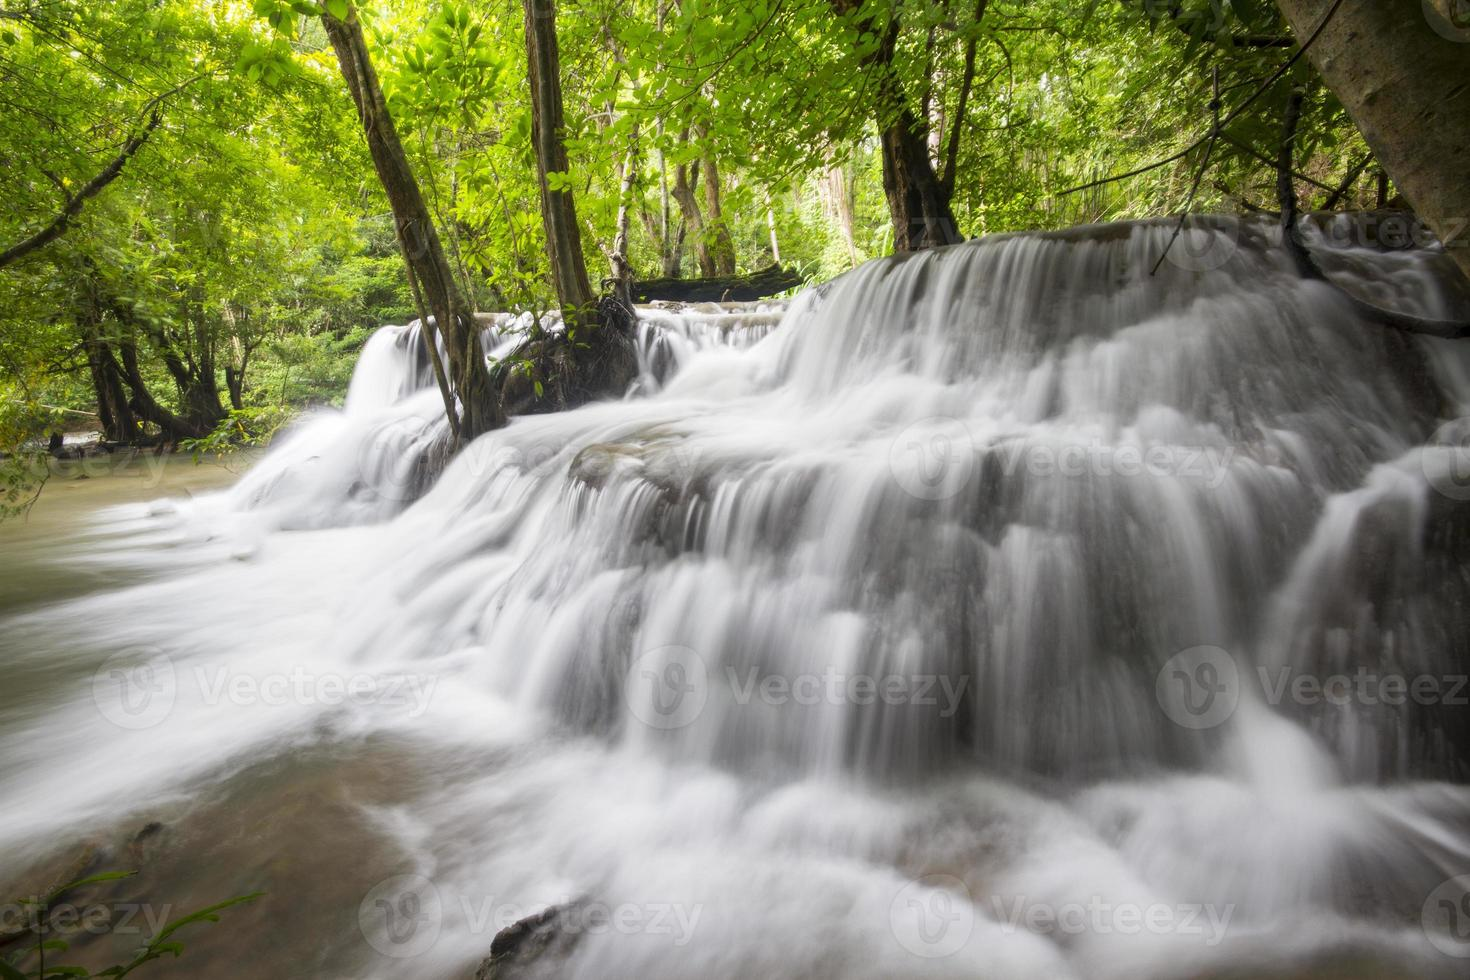 blauwe stroom waterval in kanjanaburi thailand (huaymaekamin waterval) foto